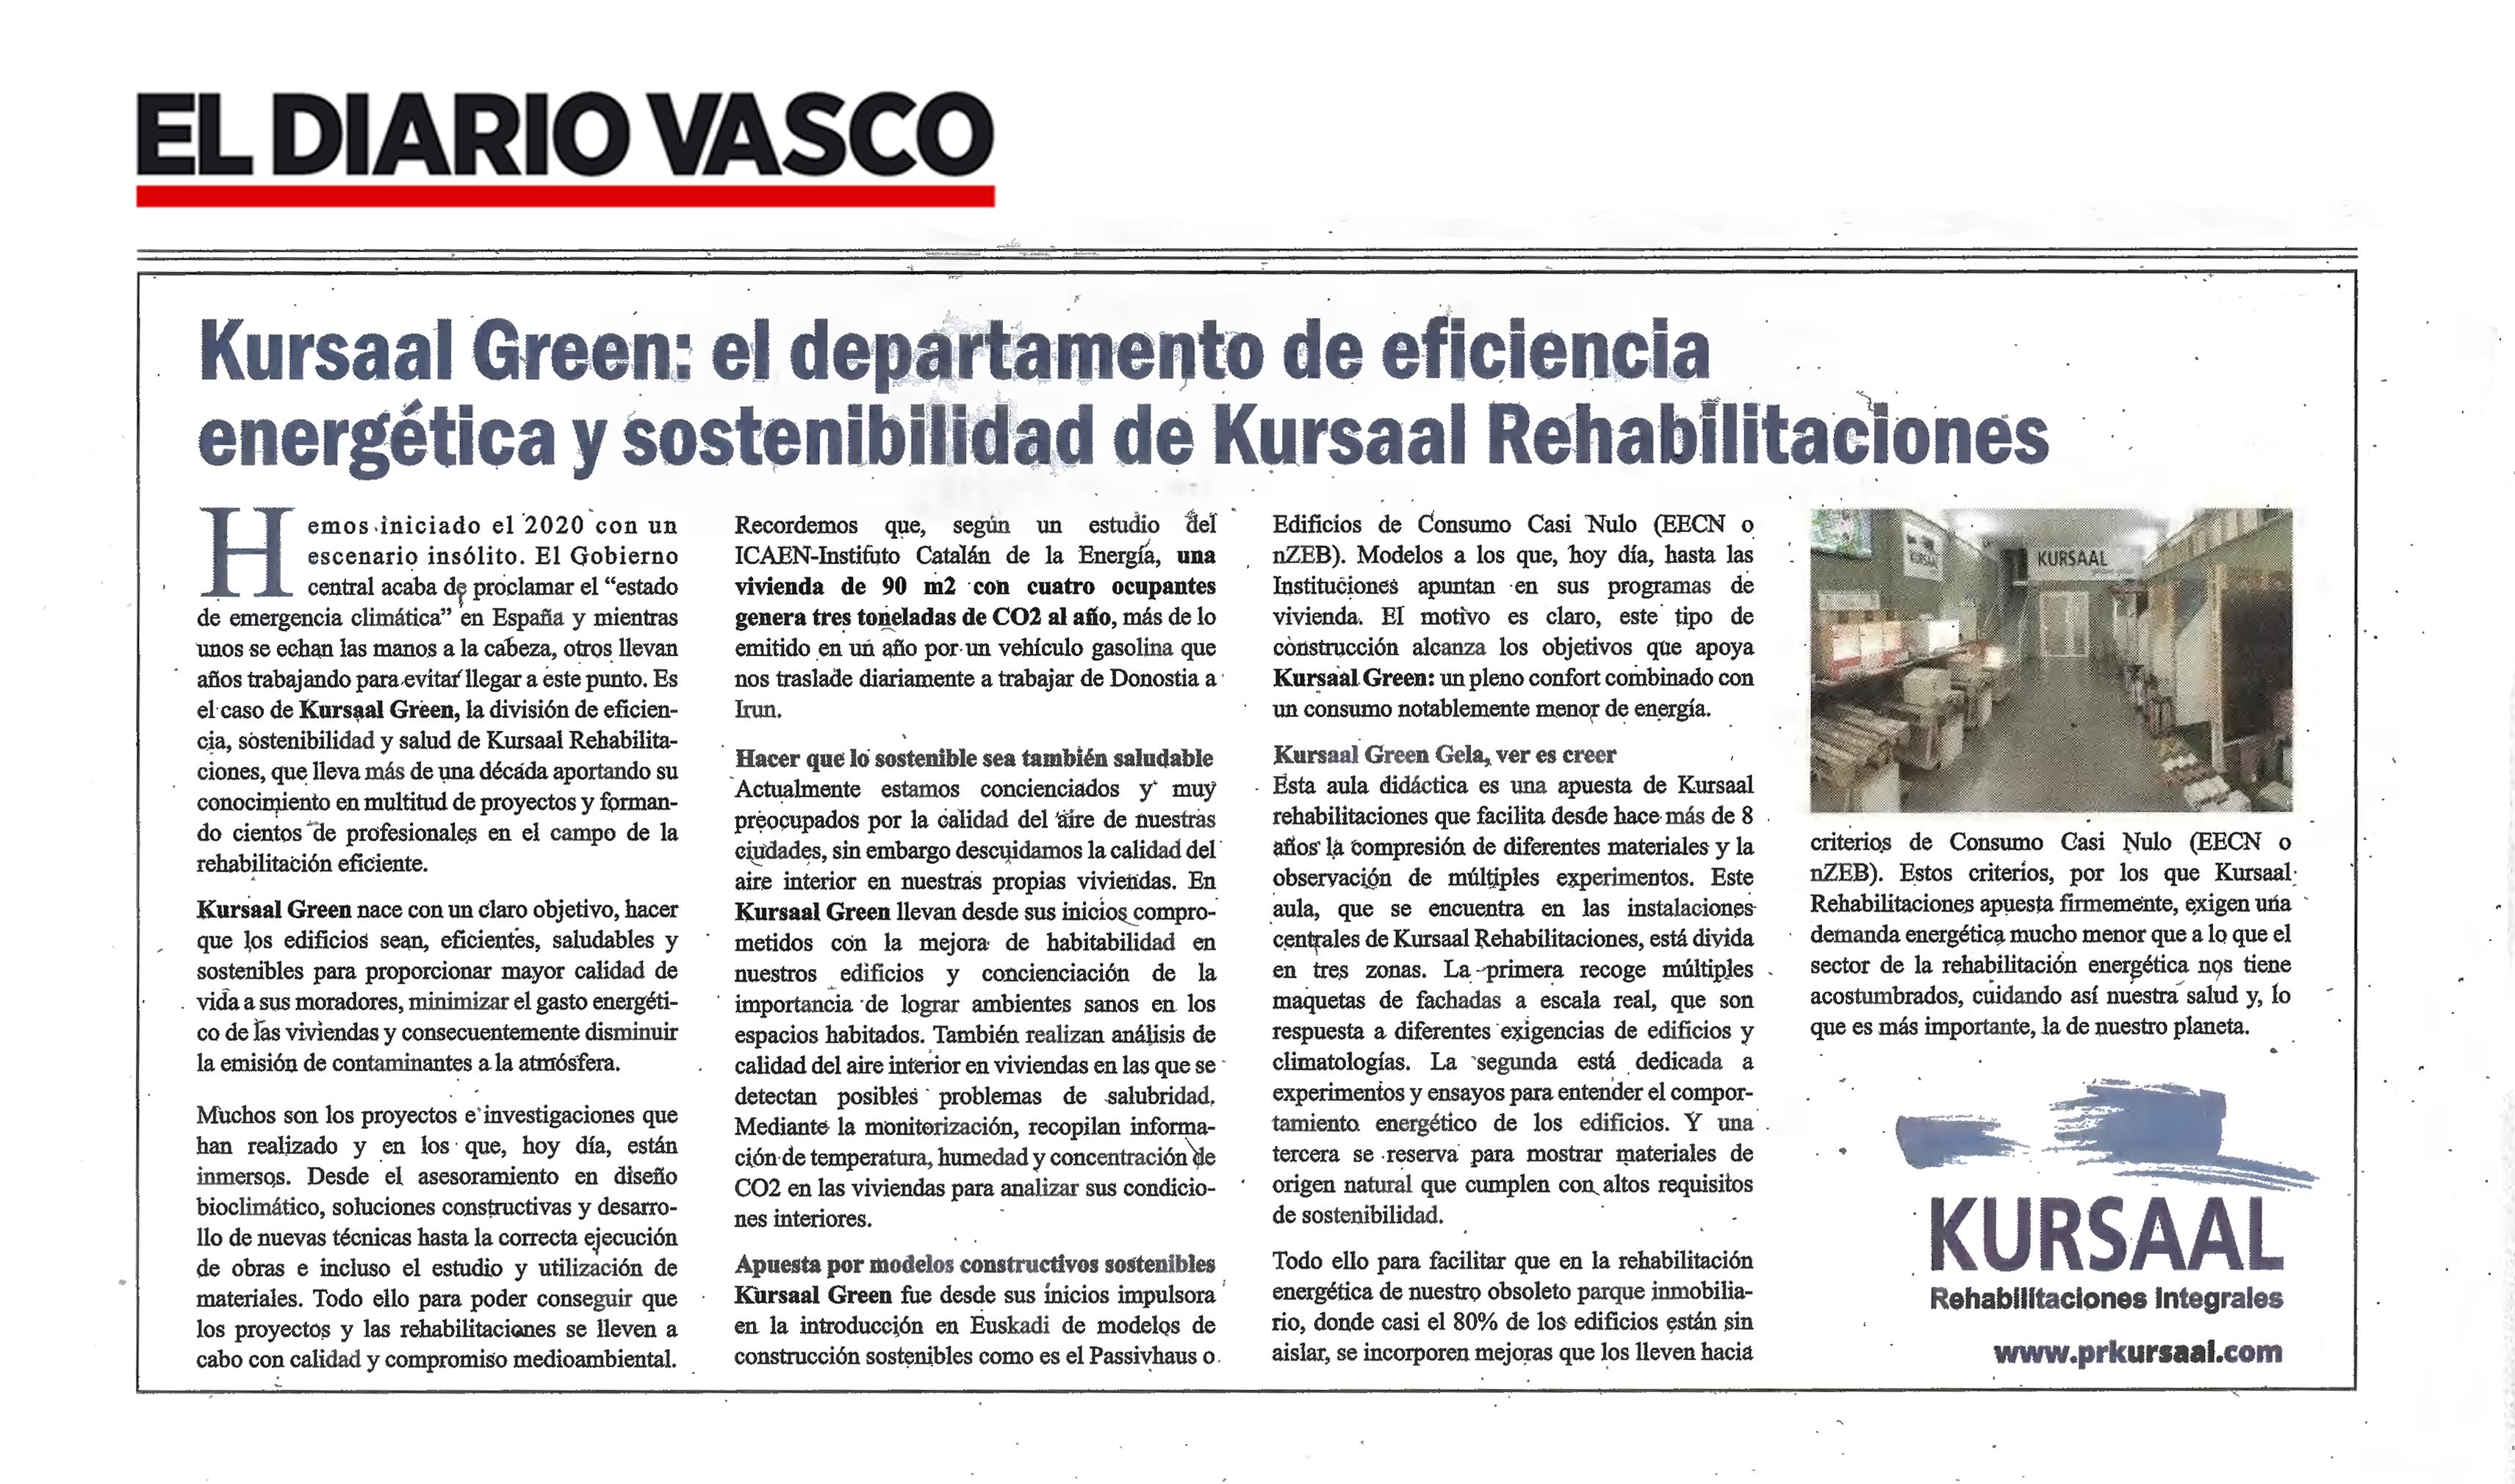 foto noticia: Artículo en el Diario Vasco: Conoce Kursaal Green Gela